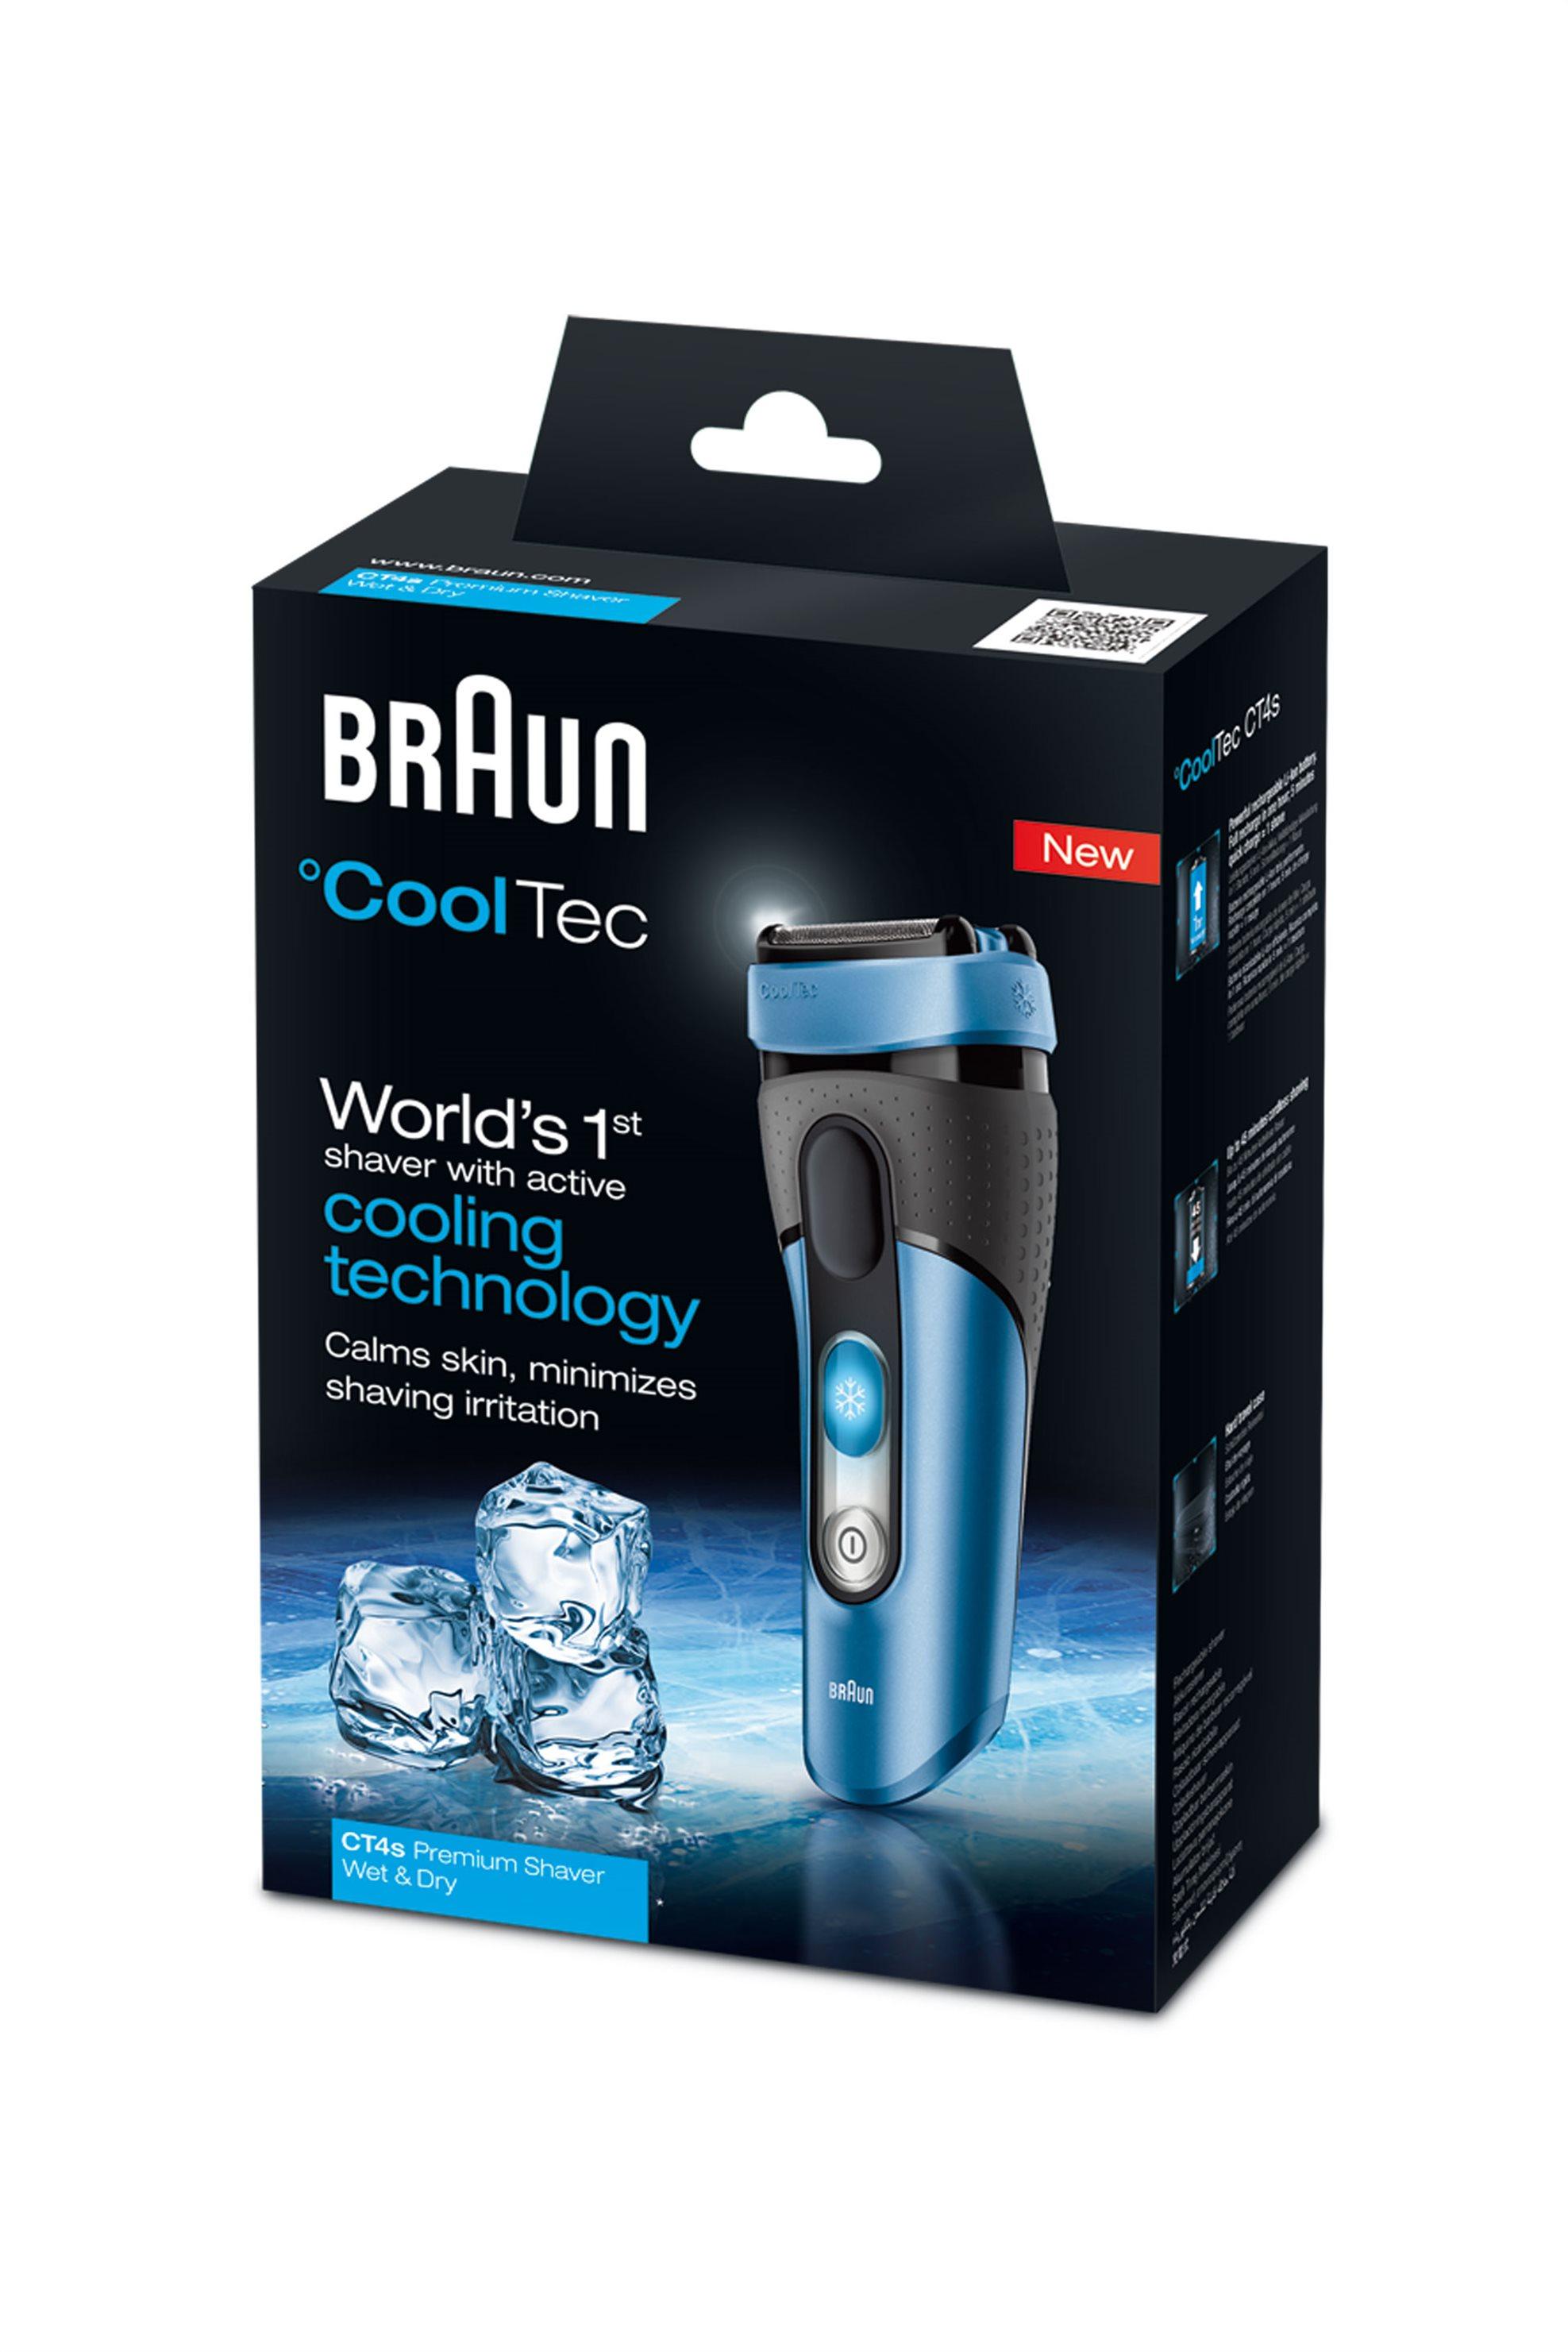 Ξυριστική Μηχανή CoolTec CT4s Braun - CT4S home   συσκευεσ περιποιησησ   ξυριστικές μηχανές